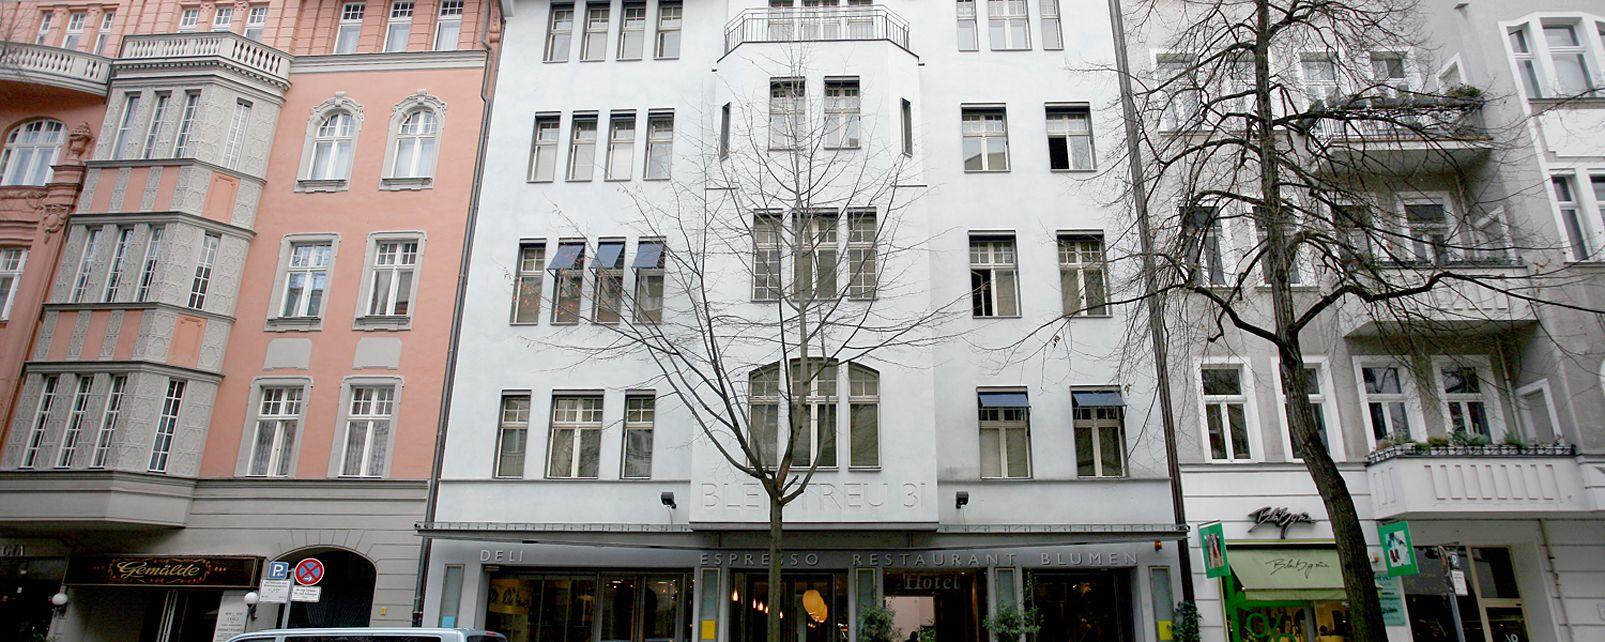 Hotel Bleibtreu Berlin